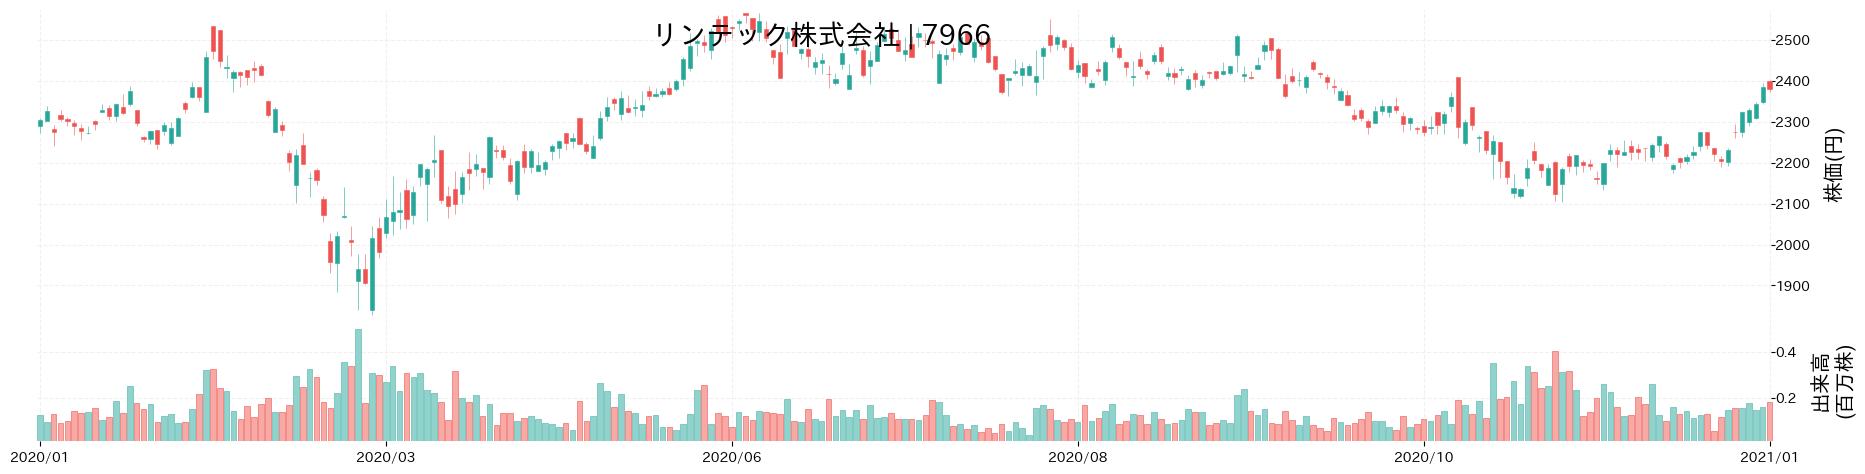 リンテック株式会社の株価推移(2020)